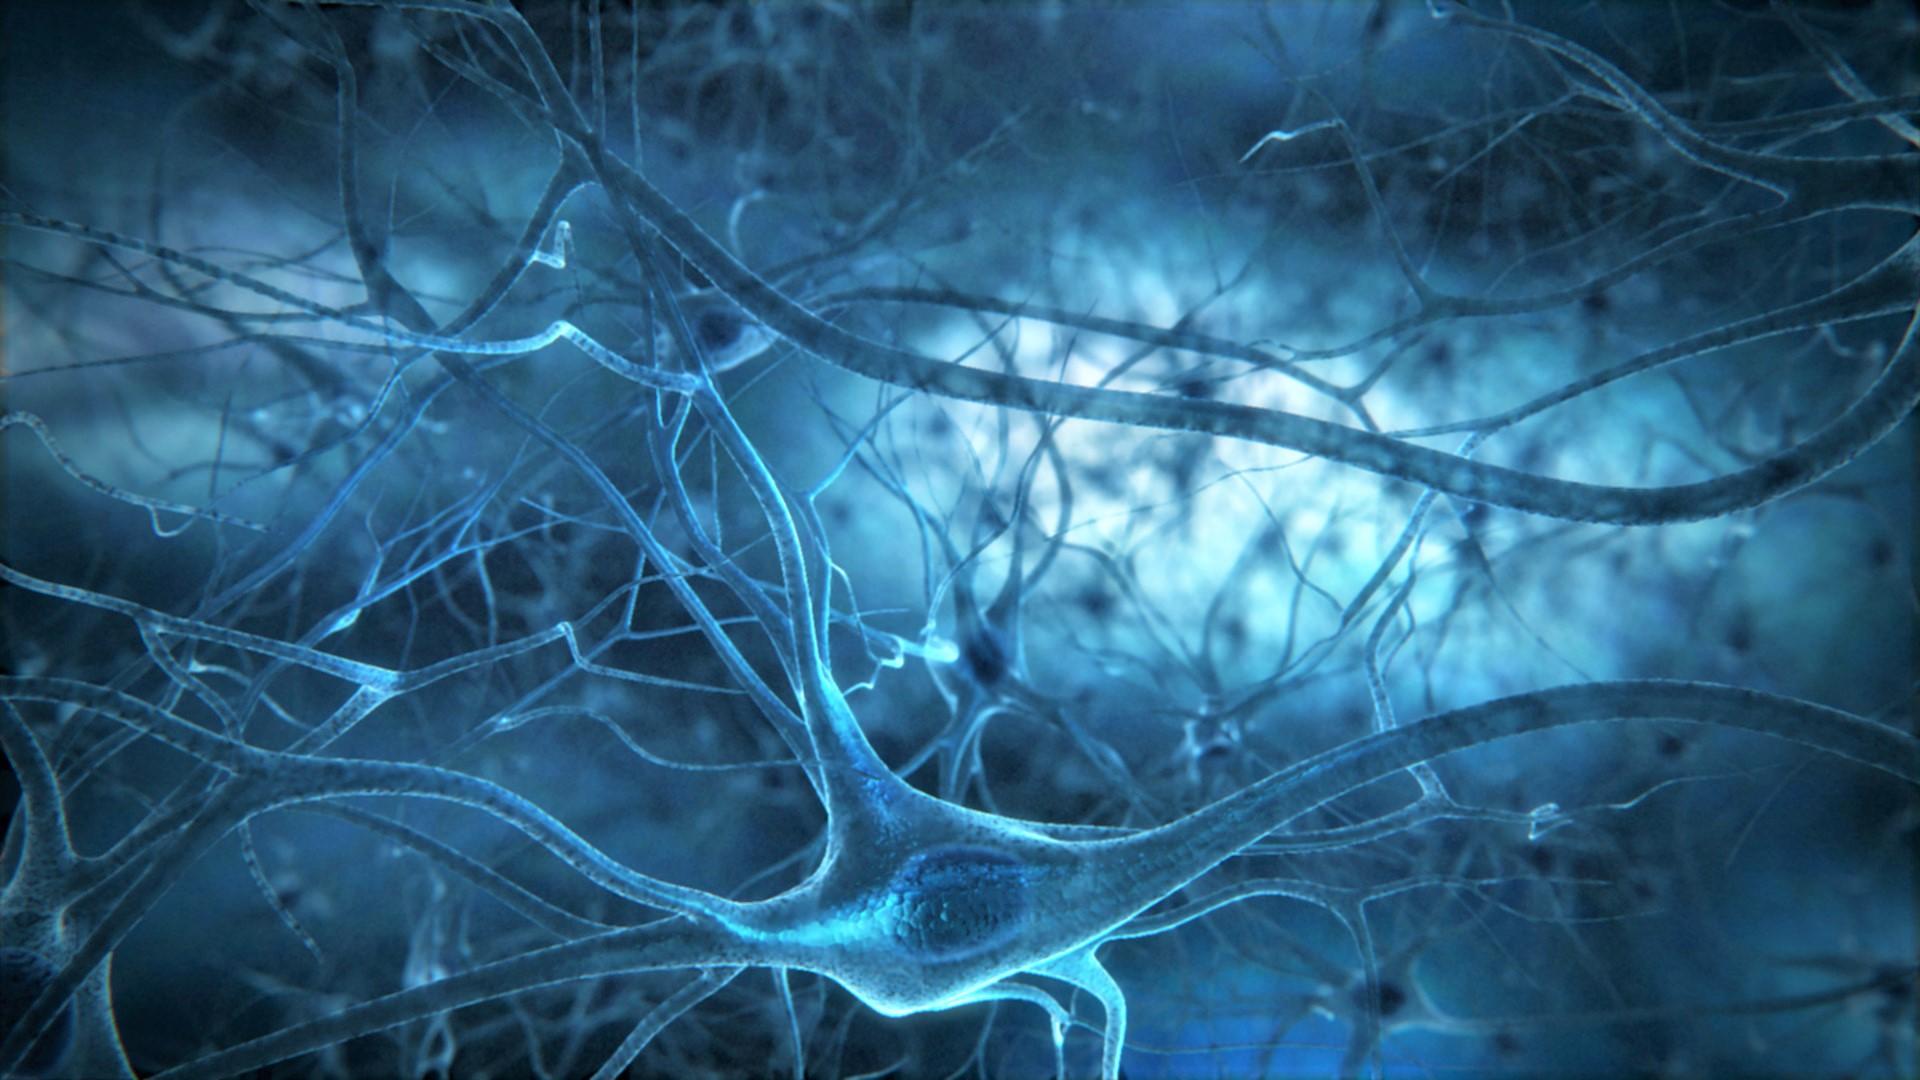 медитация и нейронаука